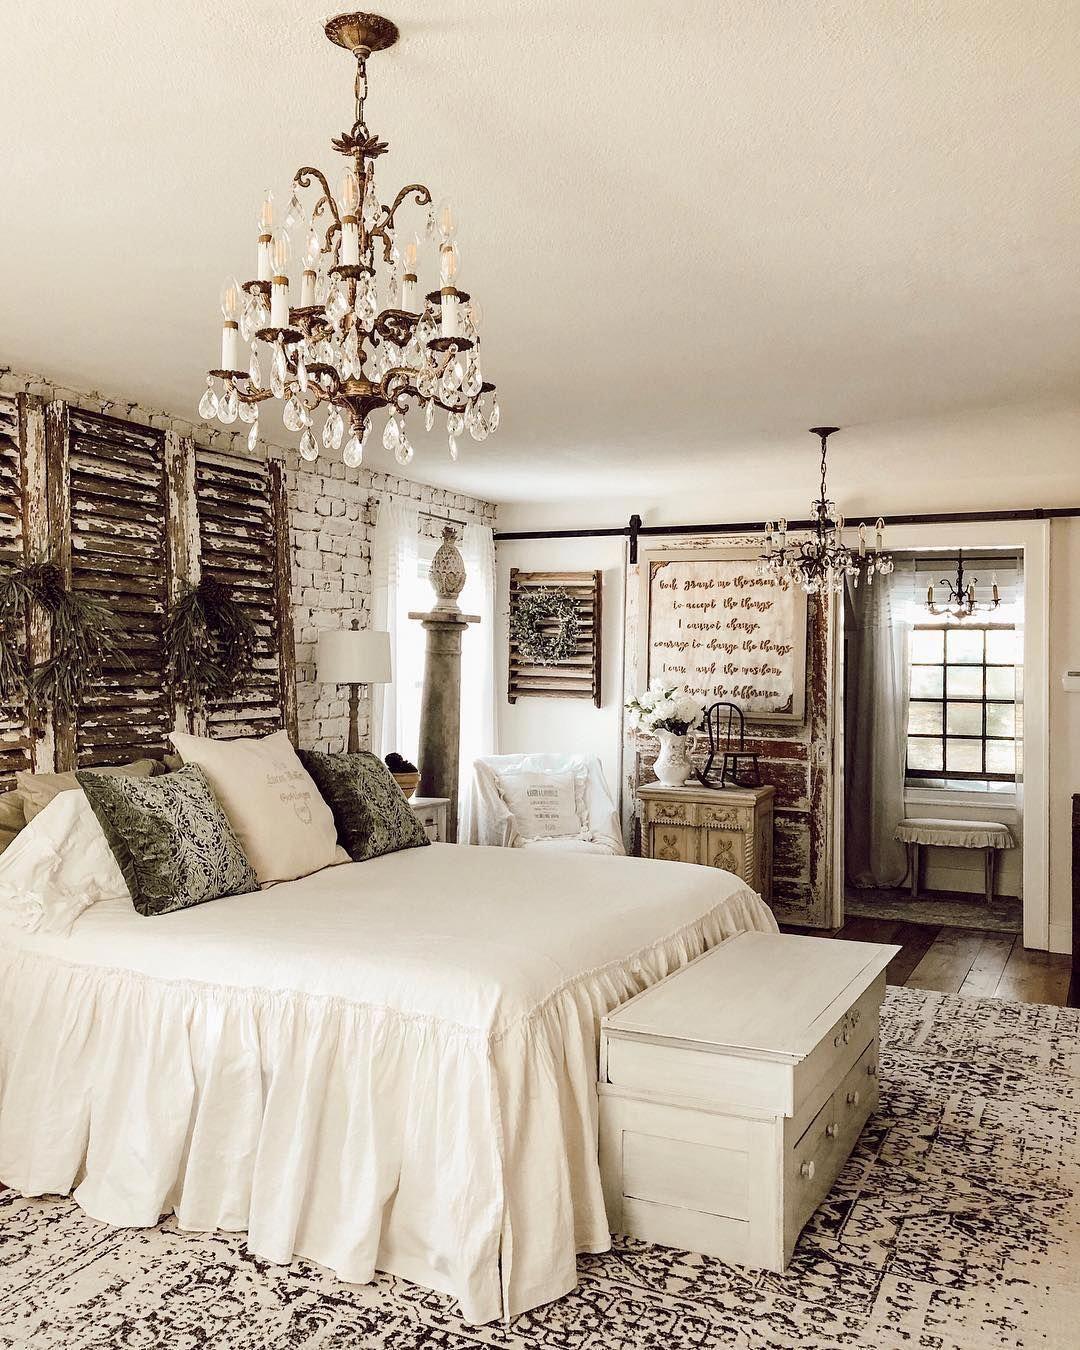 15 ý tưởng màu sắc phòng ngủ theo phong cách cổ điển ngọt ngào - Ảnh 10.